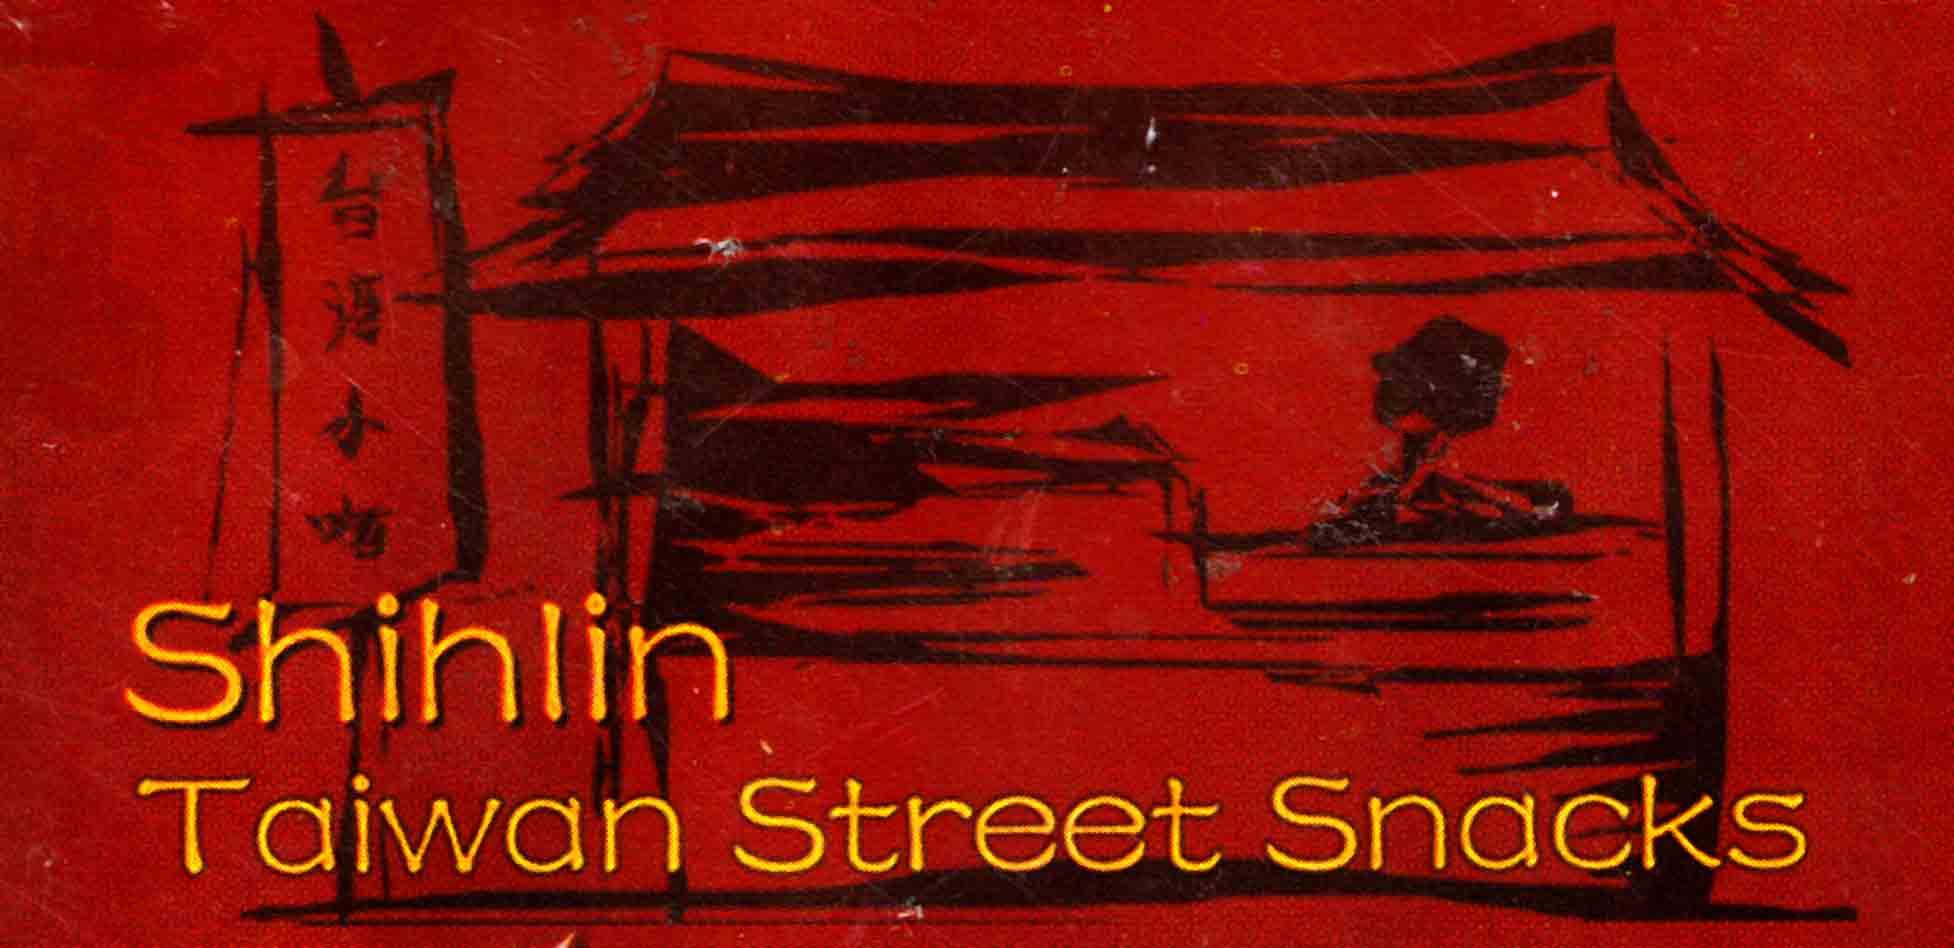 Shihlin Taiwan Street Snacks Coupon